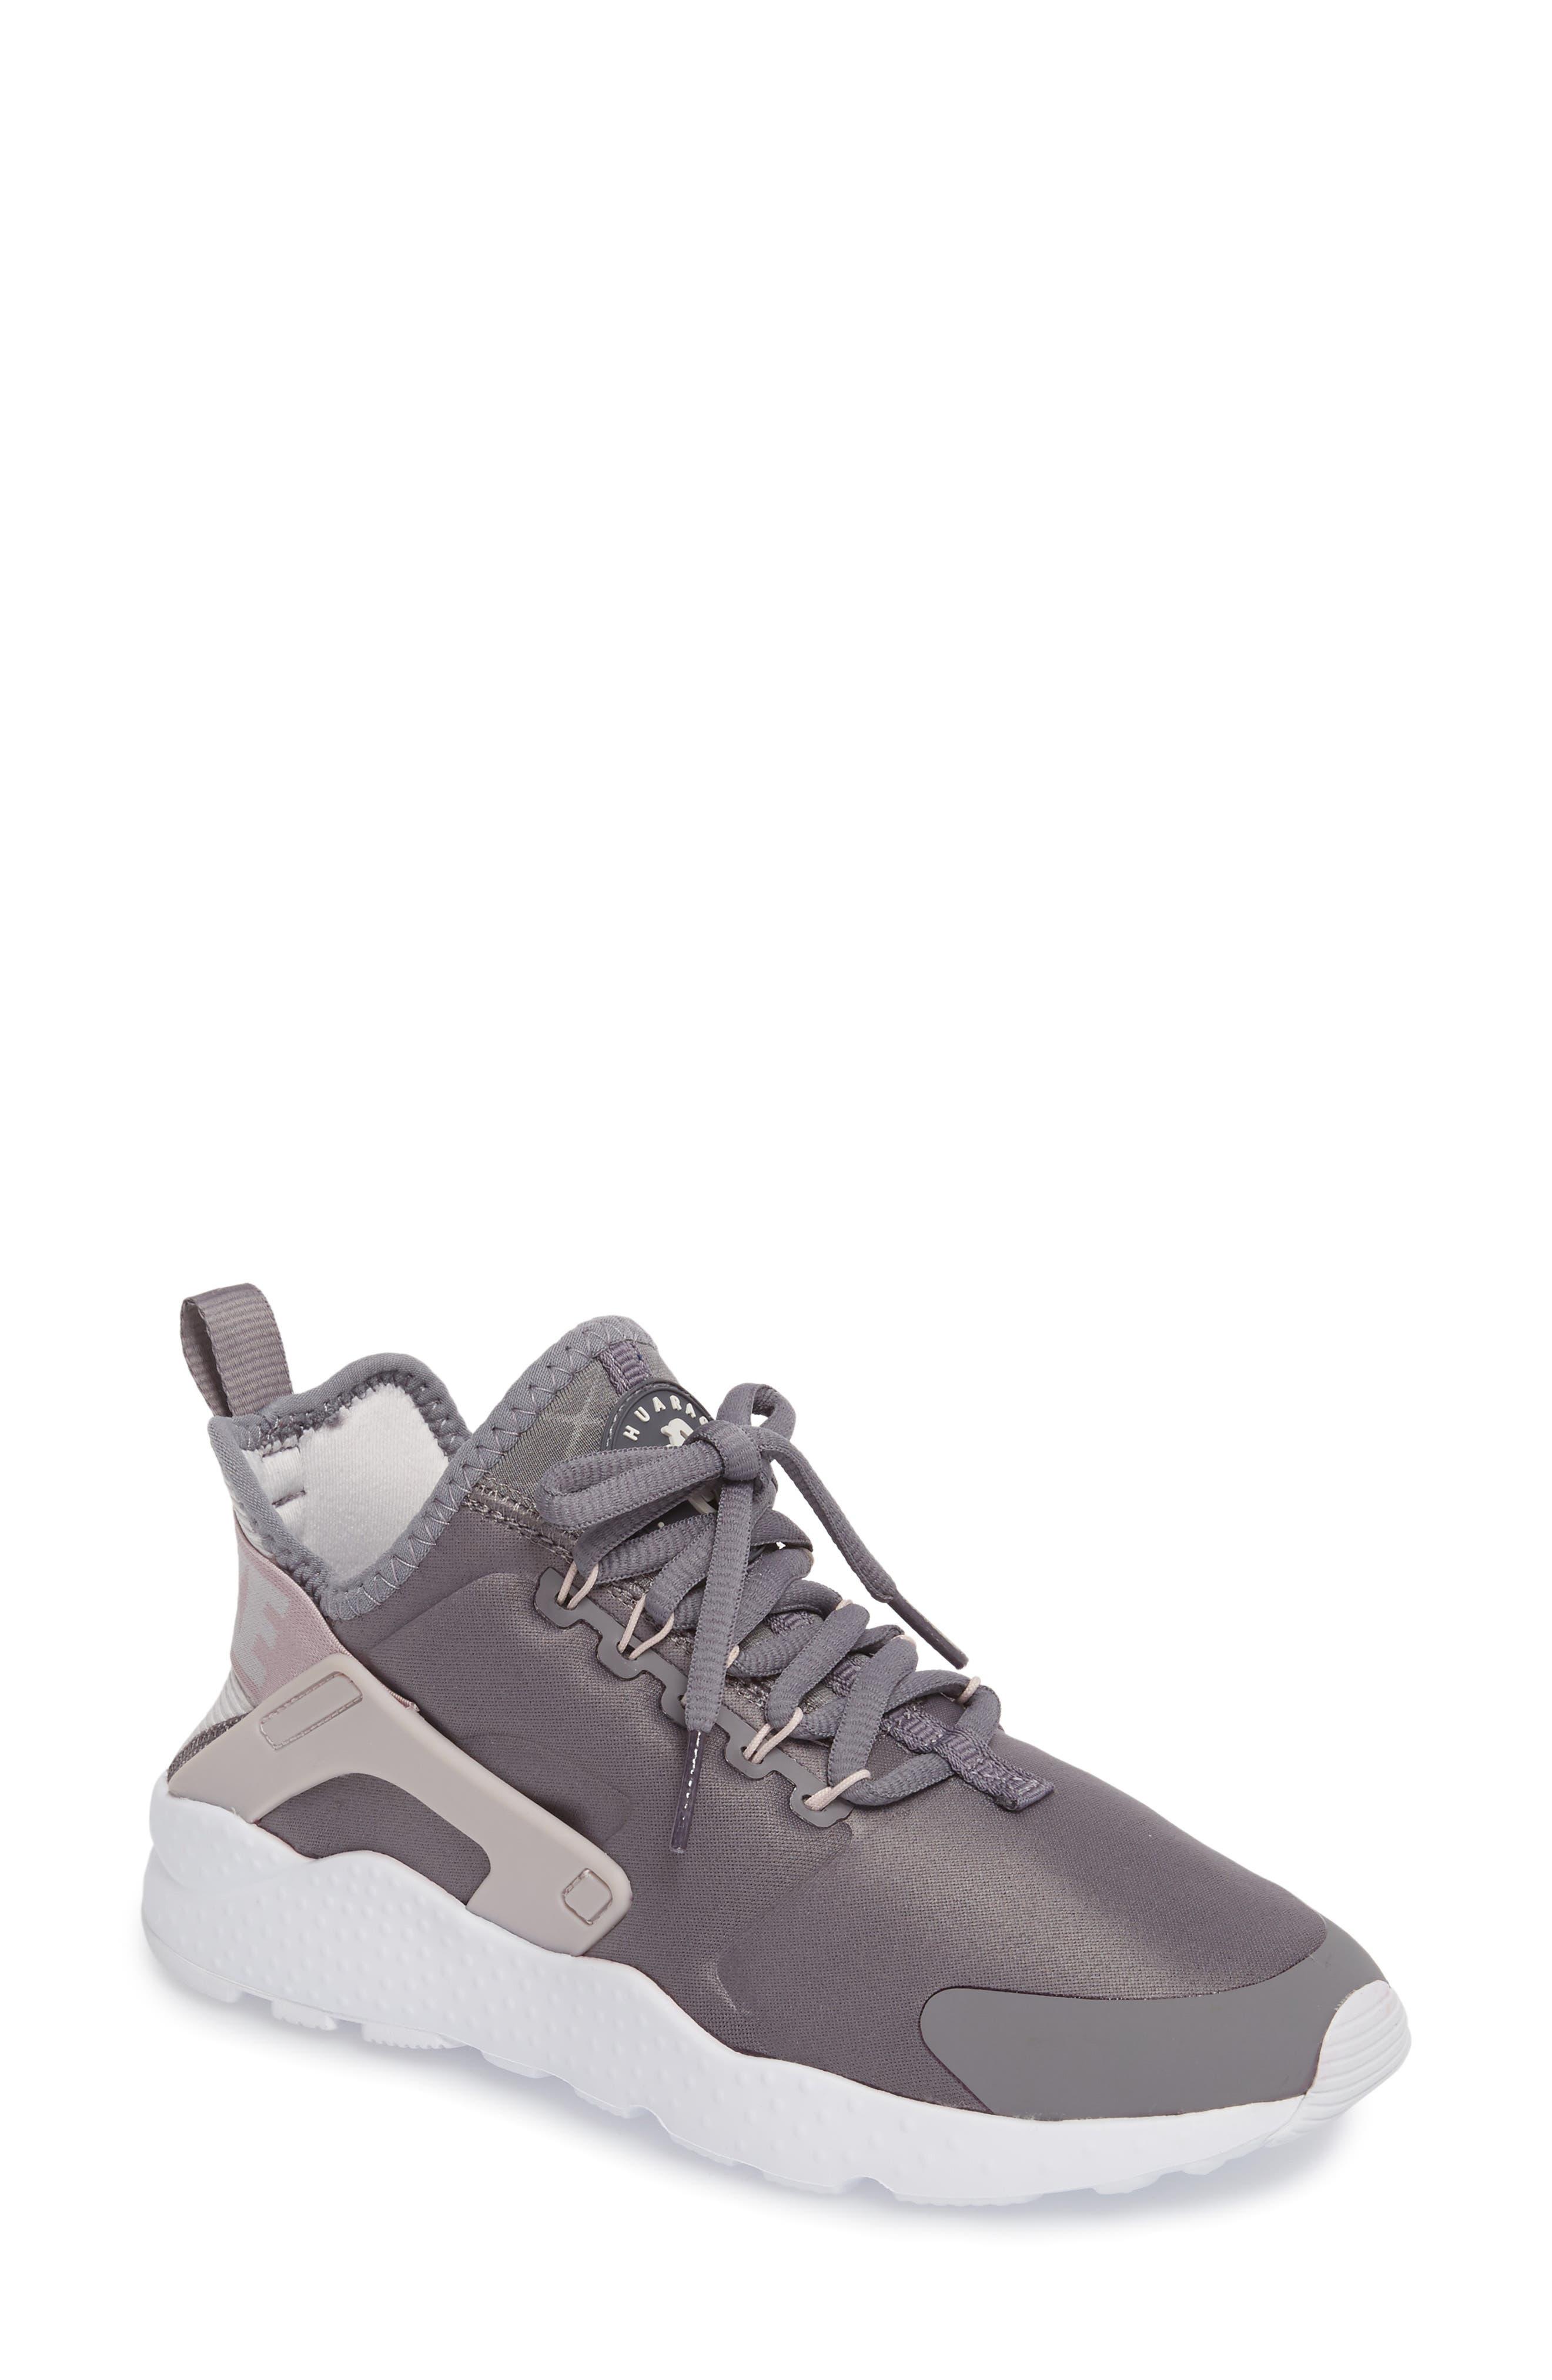 Air Huarache Sneaker,                         Main,                         color,